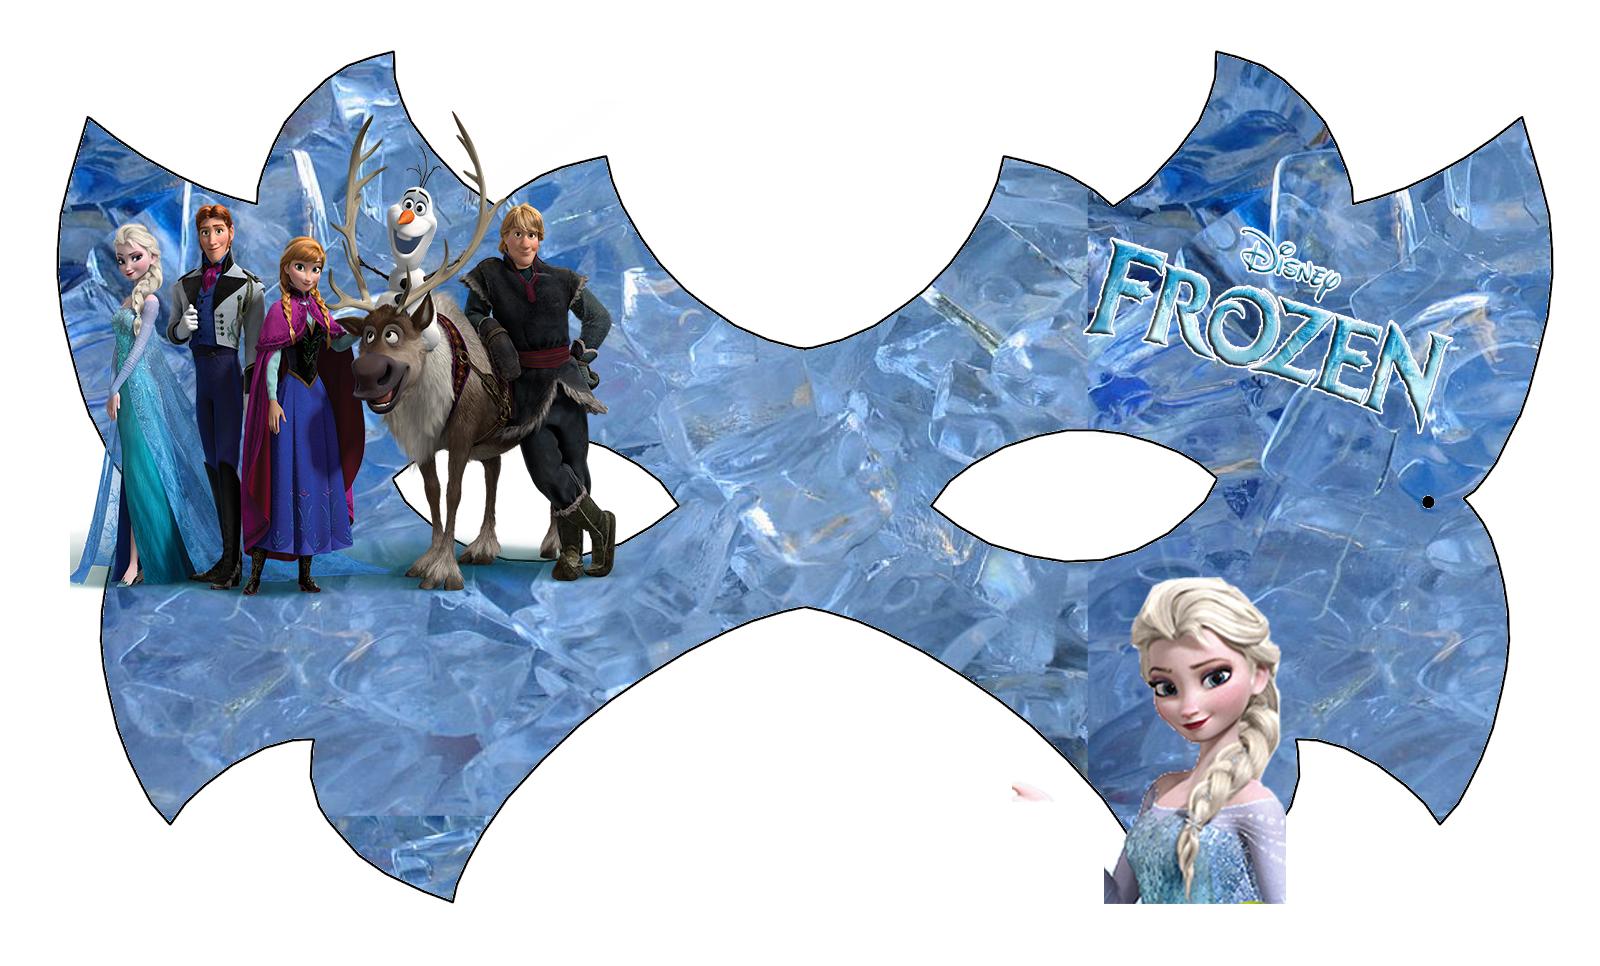 Máscara de Frozen para Imprimir Gratis. | Ideas y material gratis para fiestas y celebraciones Oh My Fiesta!